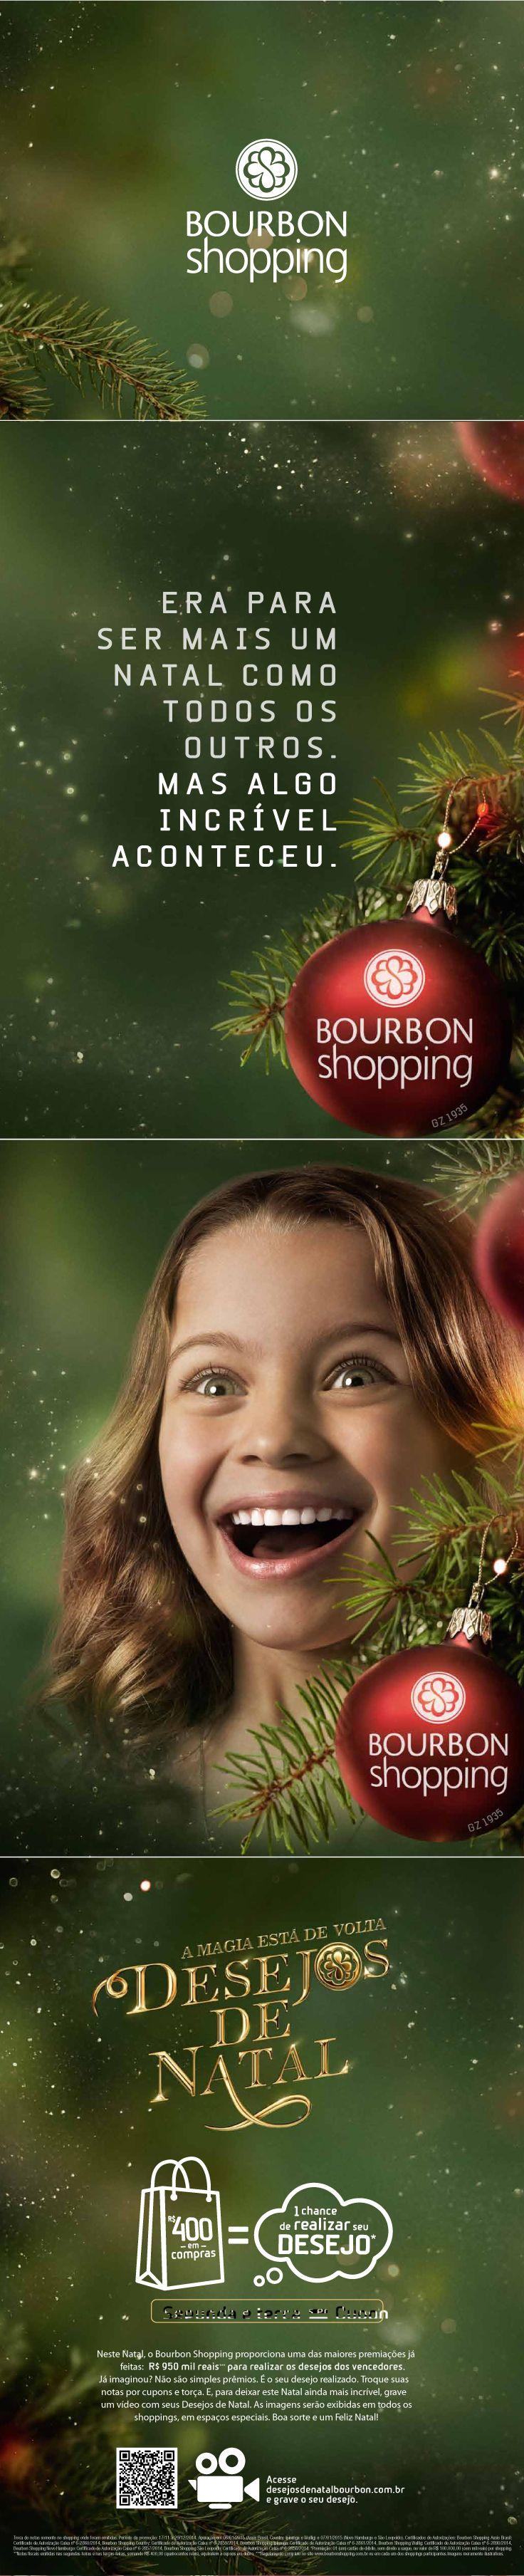 Desejos de natal - Bourbon Shopping - Agência Matriz 2014